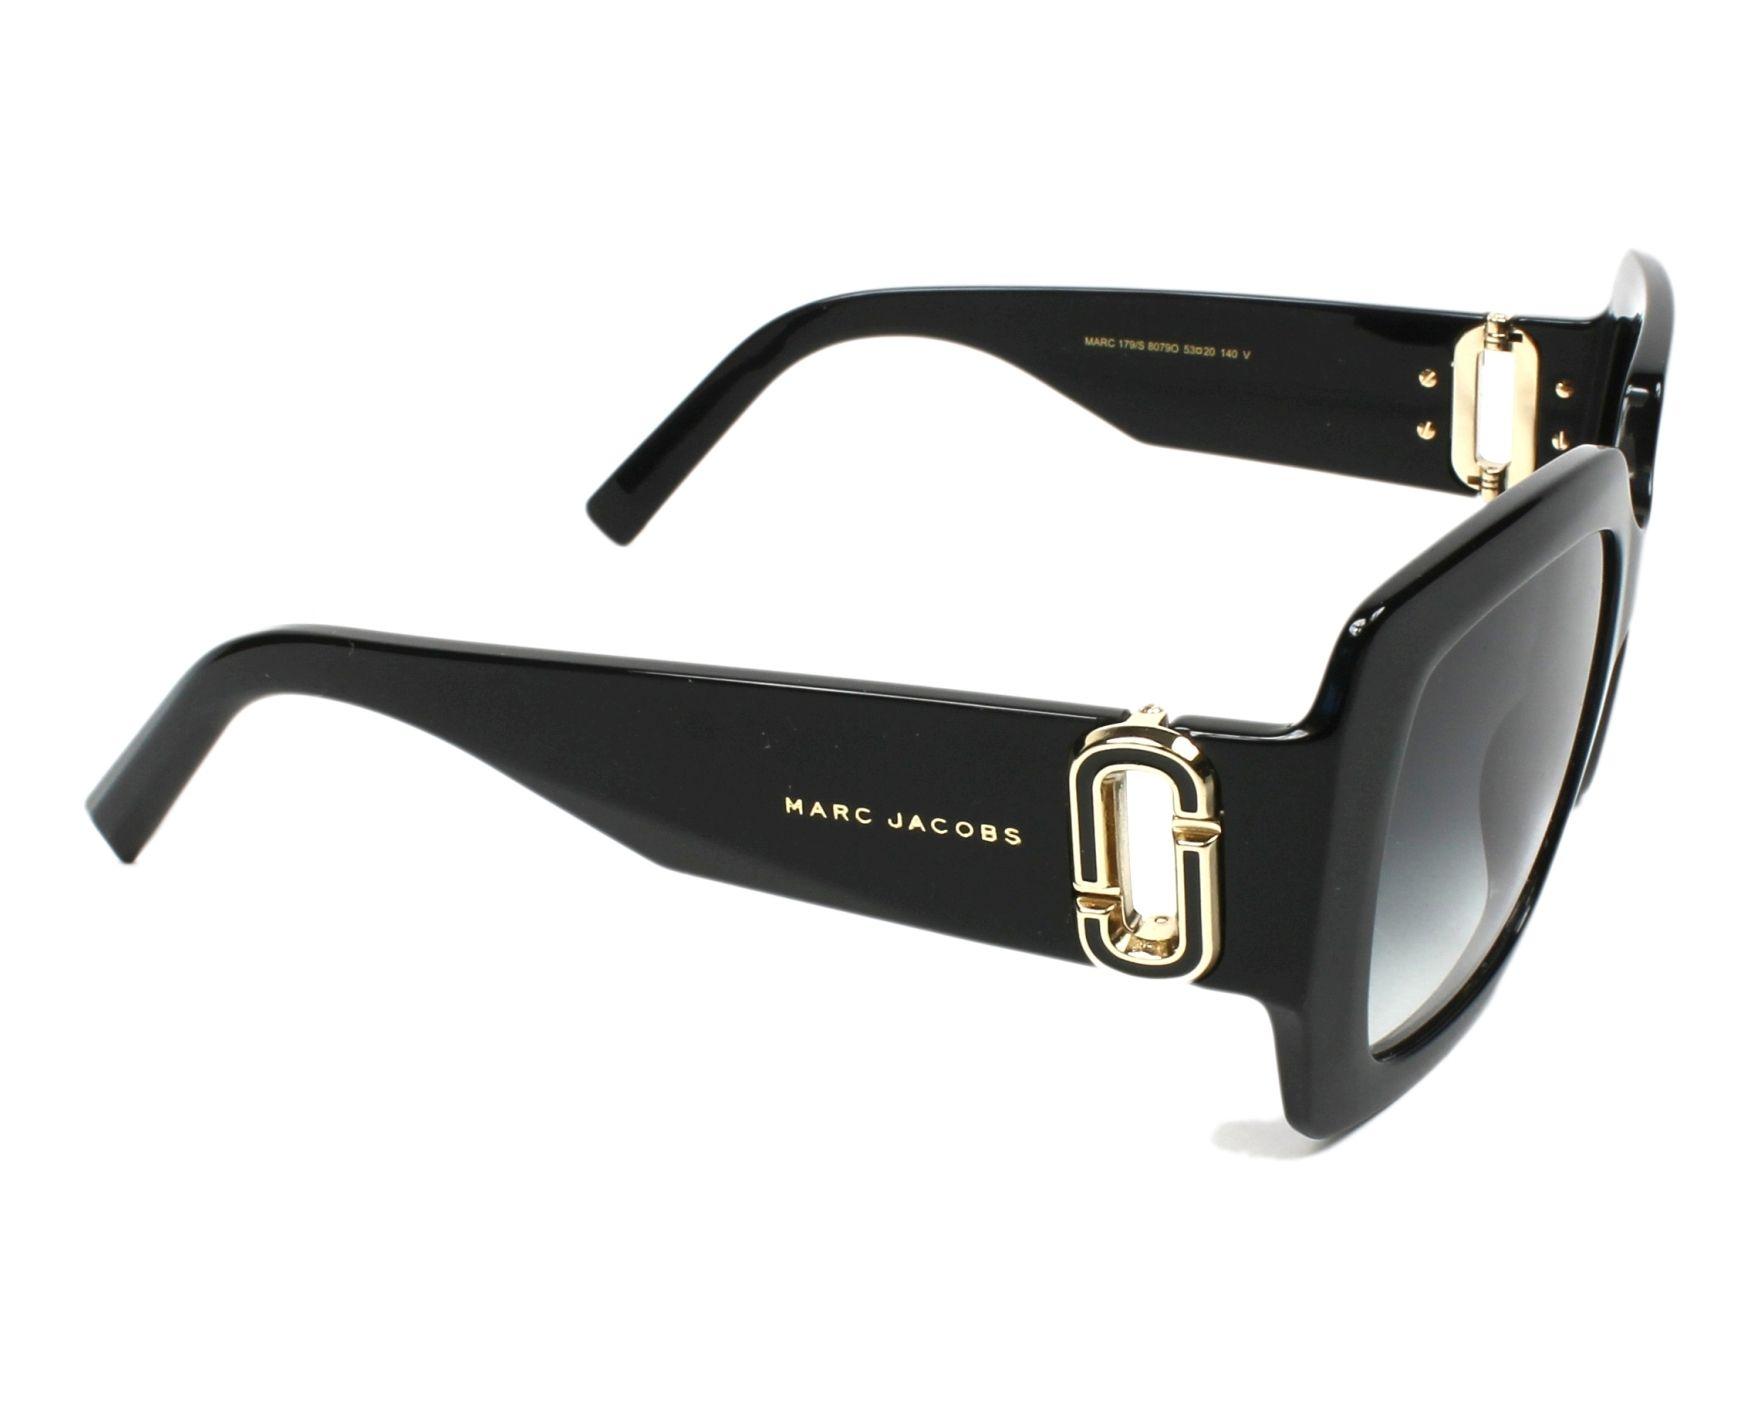 11cbea41d8 thumbnail Sunglasses Marc Jacobs MARC-179-S 807 90 - Black side view